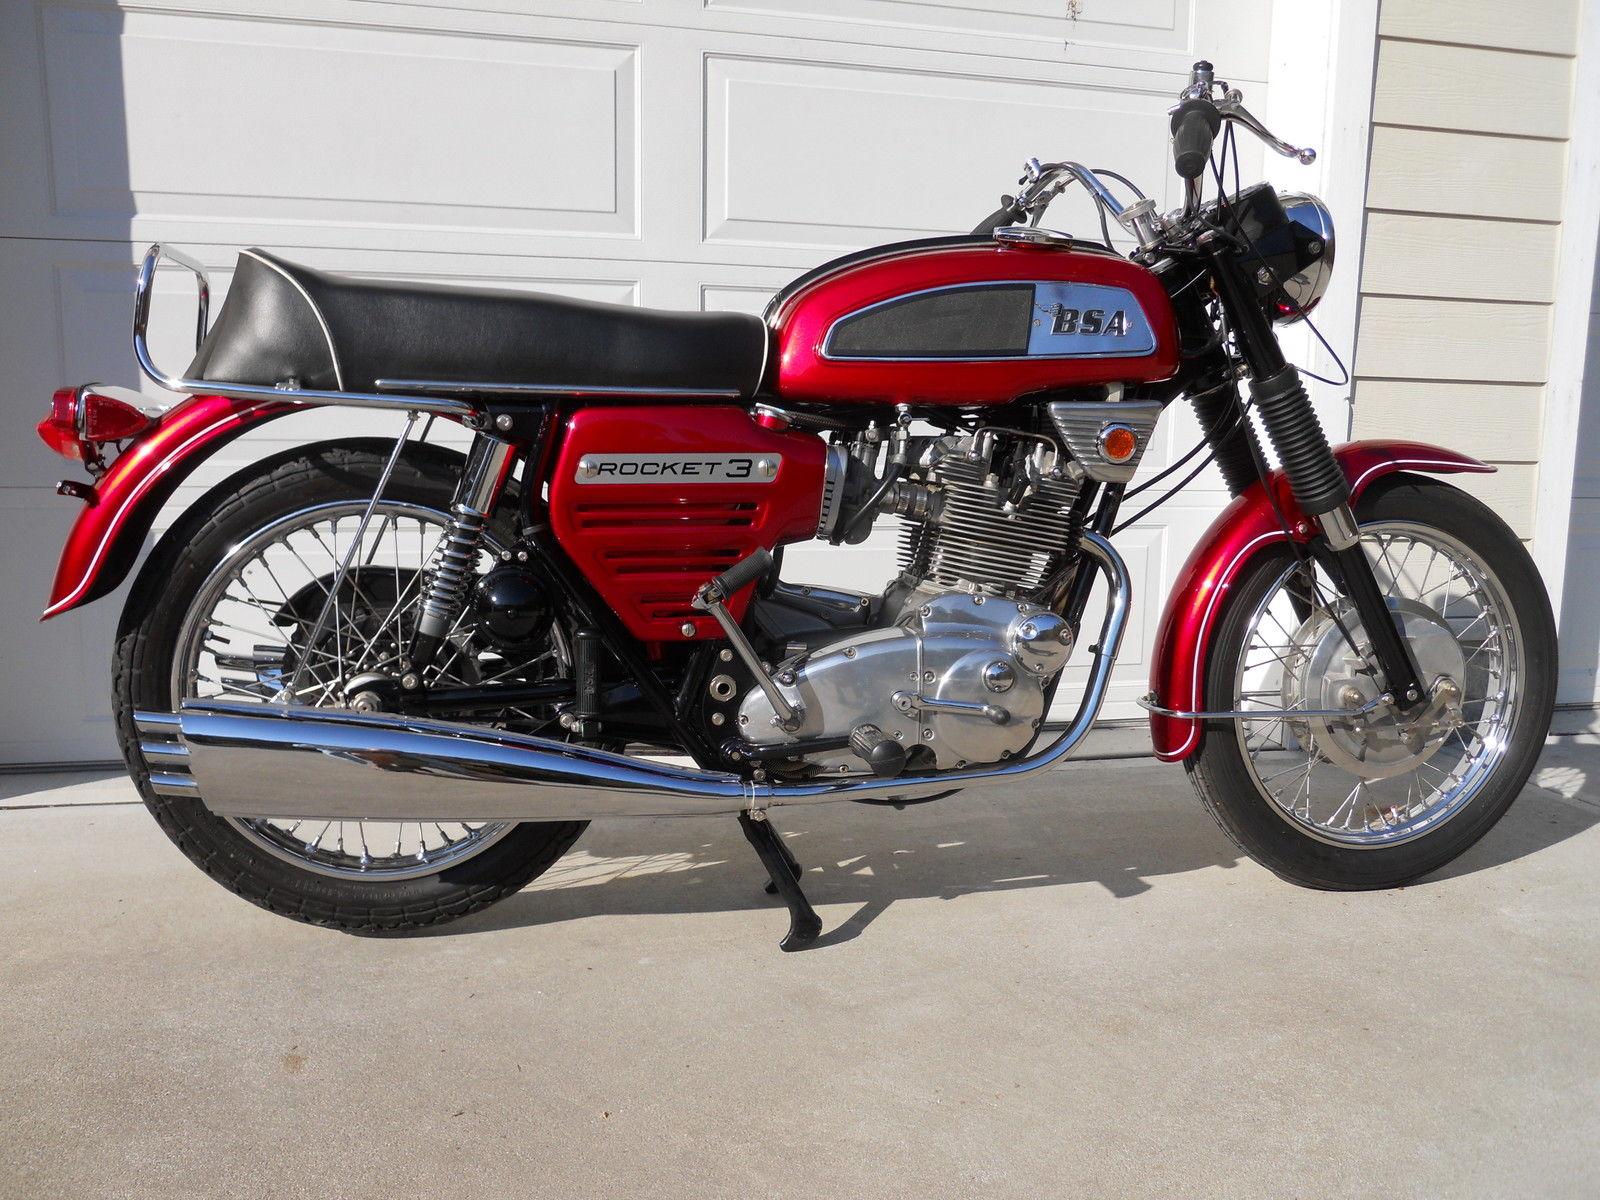 1969 Bsa Rocket 3 Bike Urious